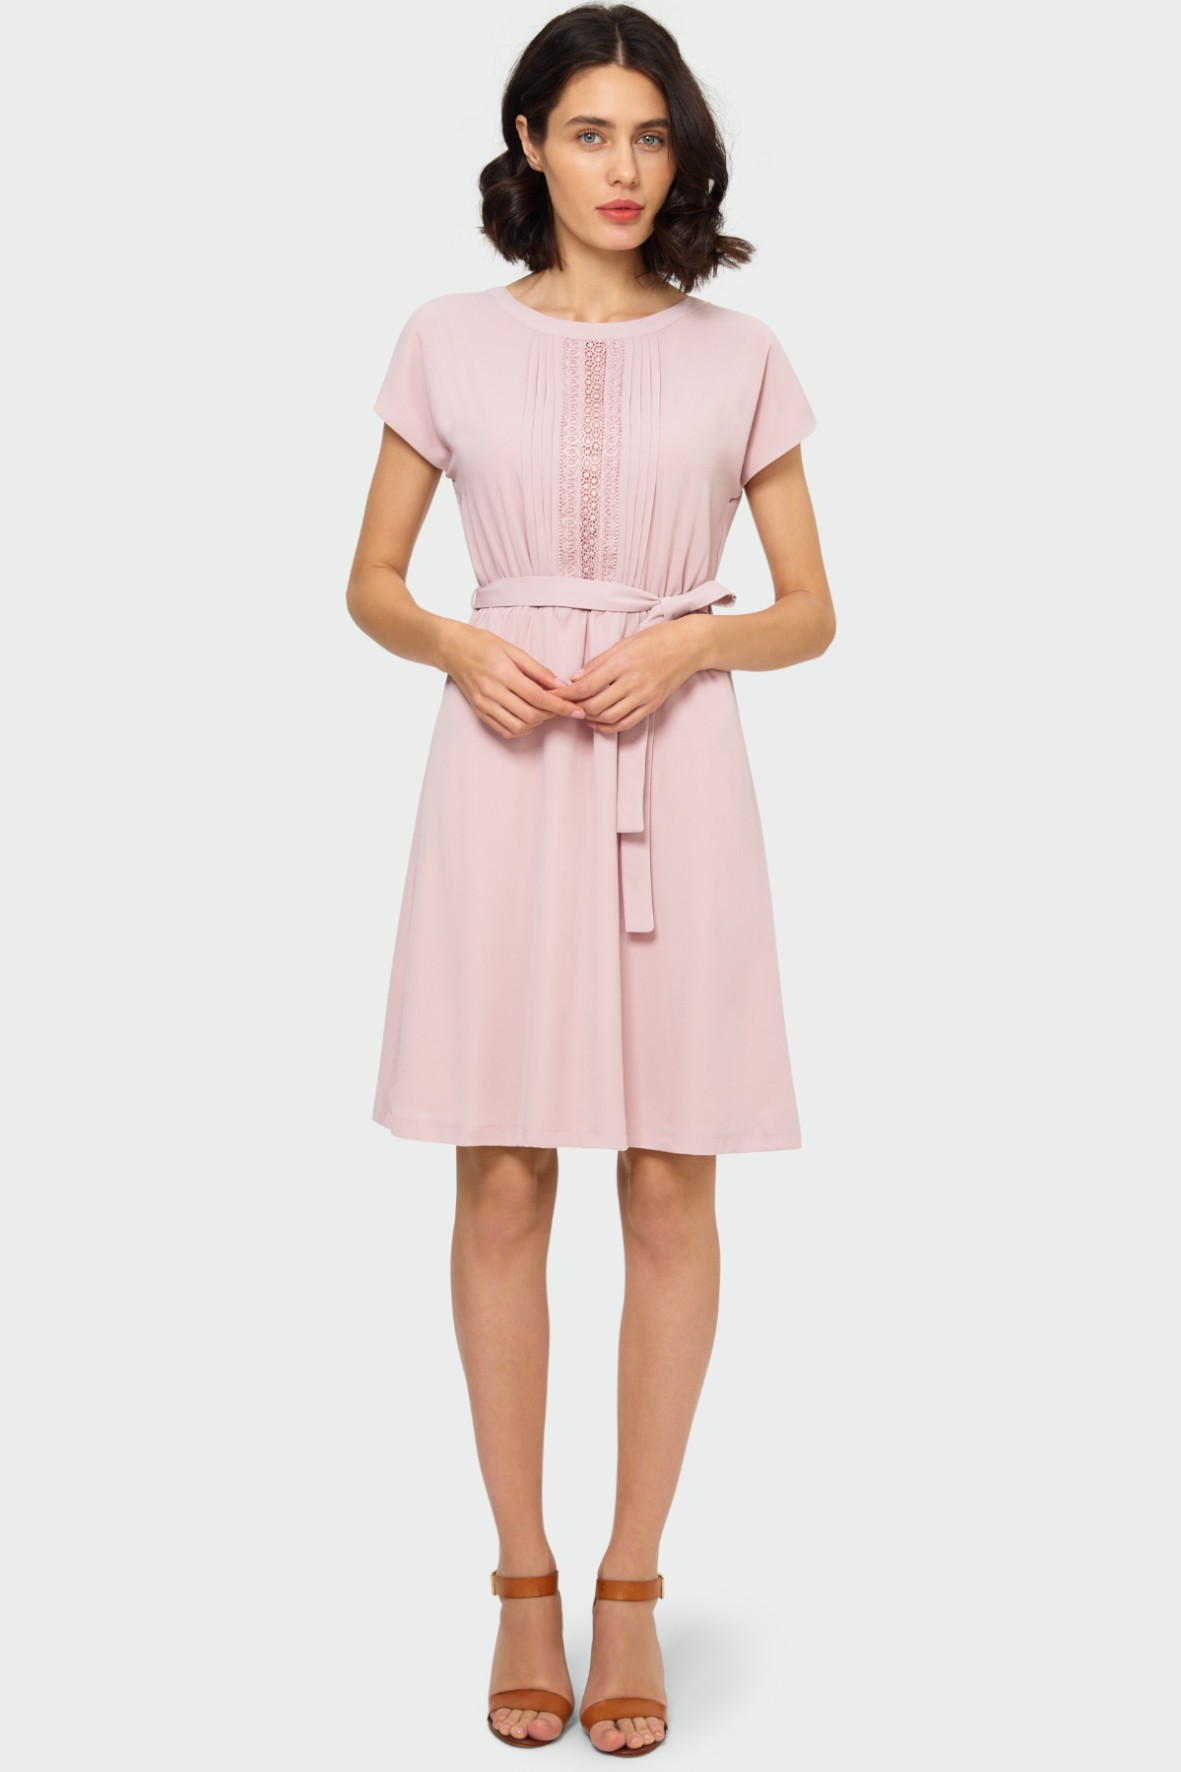 Zwiewna różowa sukienka z ozdobną koronkową wstawką